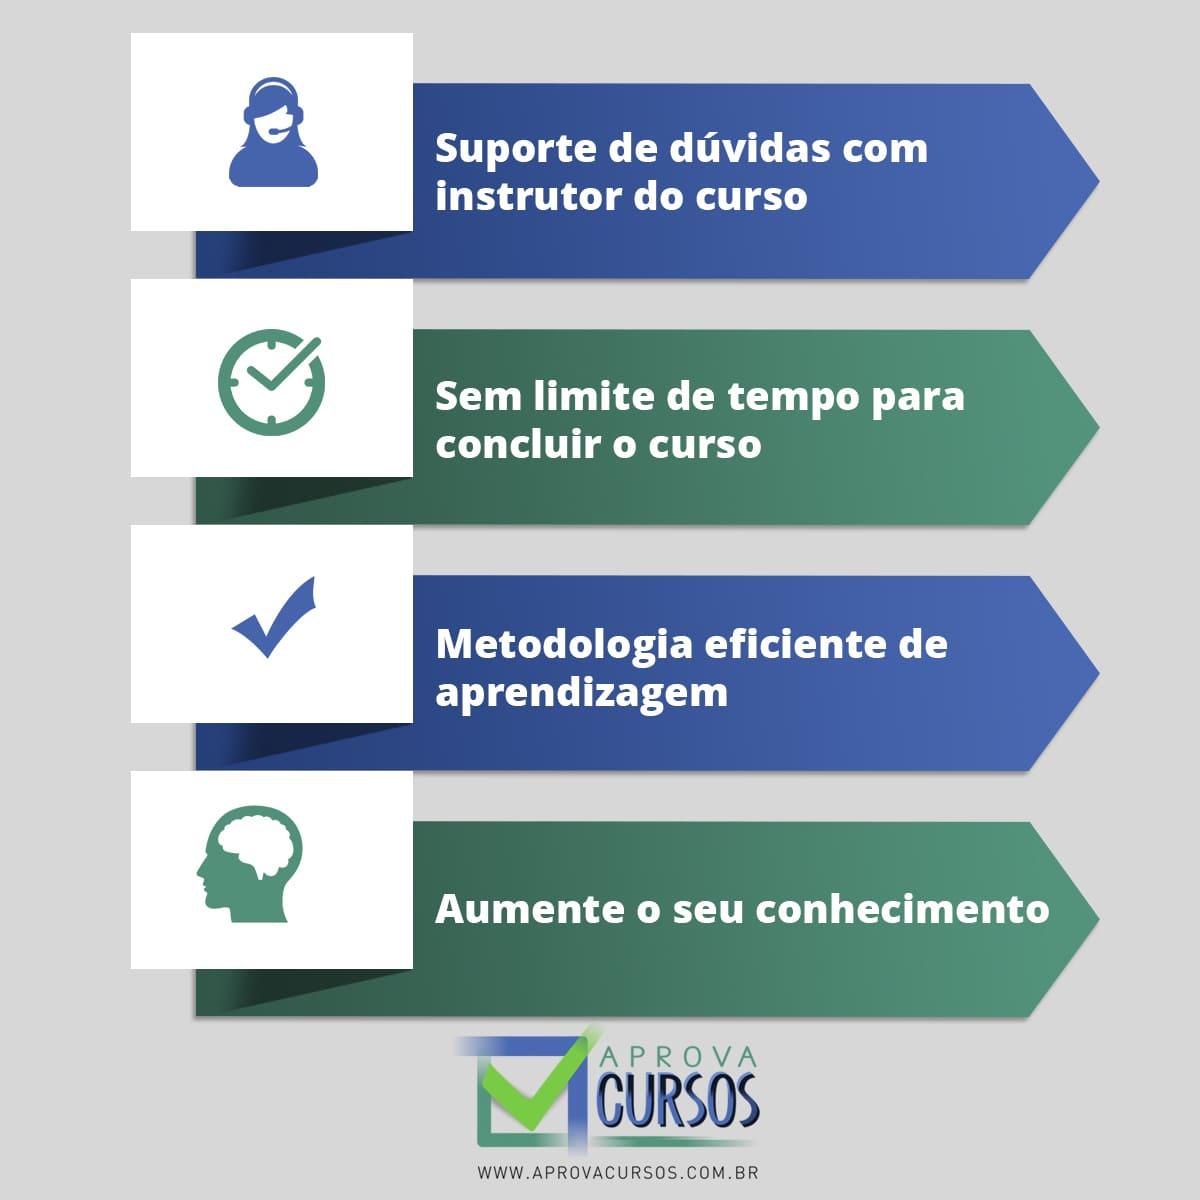 Curso Online de Garçom com Certificado  - Aprova Cursos